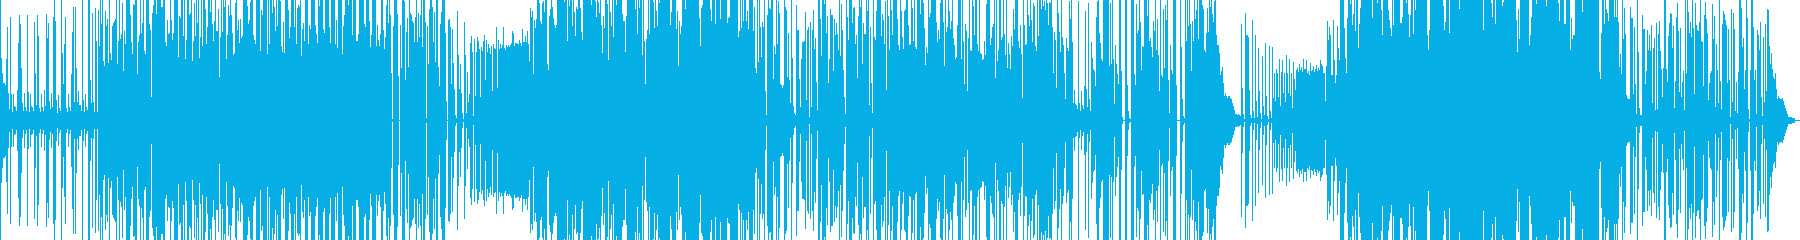 淡々としたダブステップの再生済みの波形